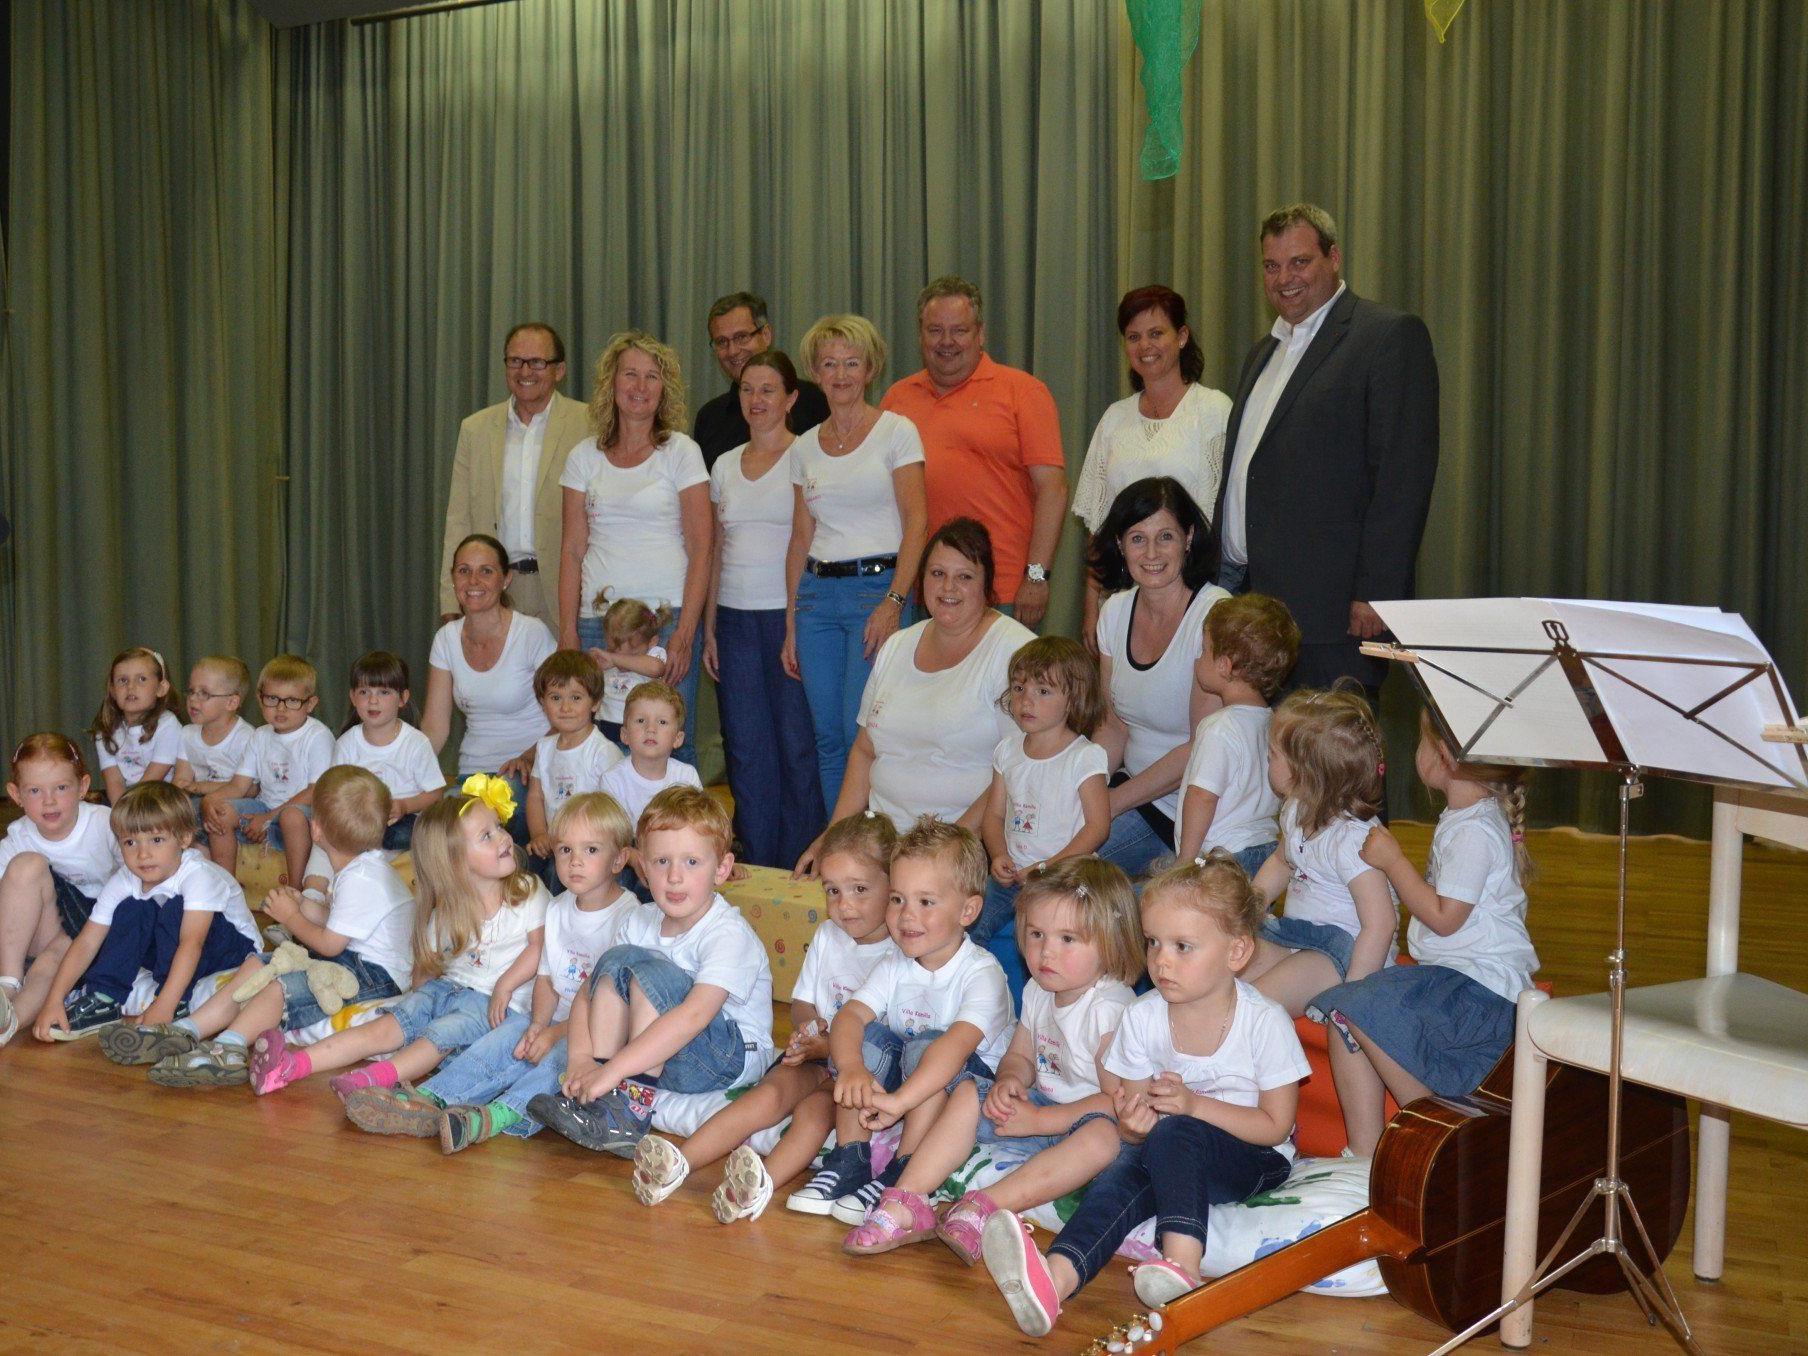 Das Villa Kamilla Team mit Ehrengästen feierte das 10 Jahr Jubiläum.